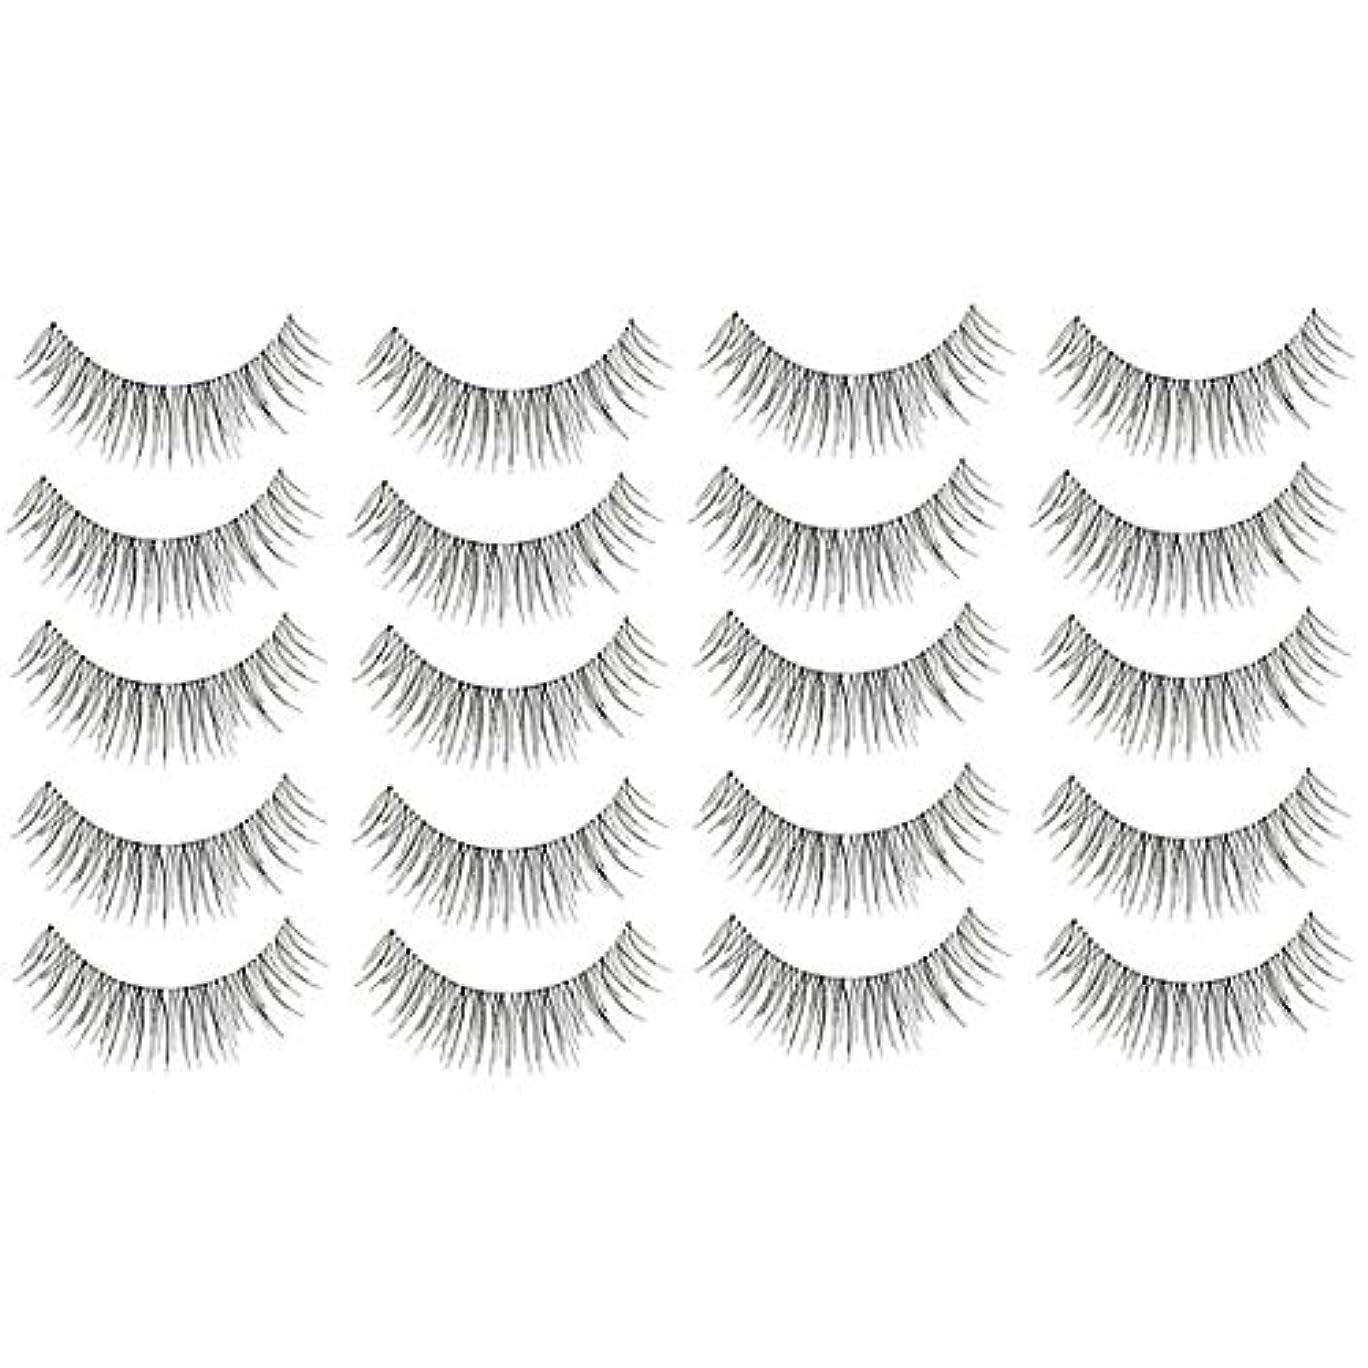 ランデブー部屋を掃除する合併症美容アクセサリー 10ペア218クリスクロス透明なステムナチュラルメイク授乳魅力的な長いシックな黒い偽のまつげ 写真美容アクセサリー